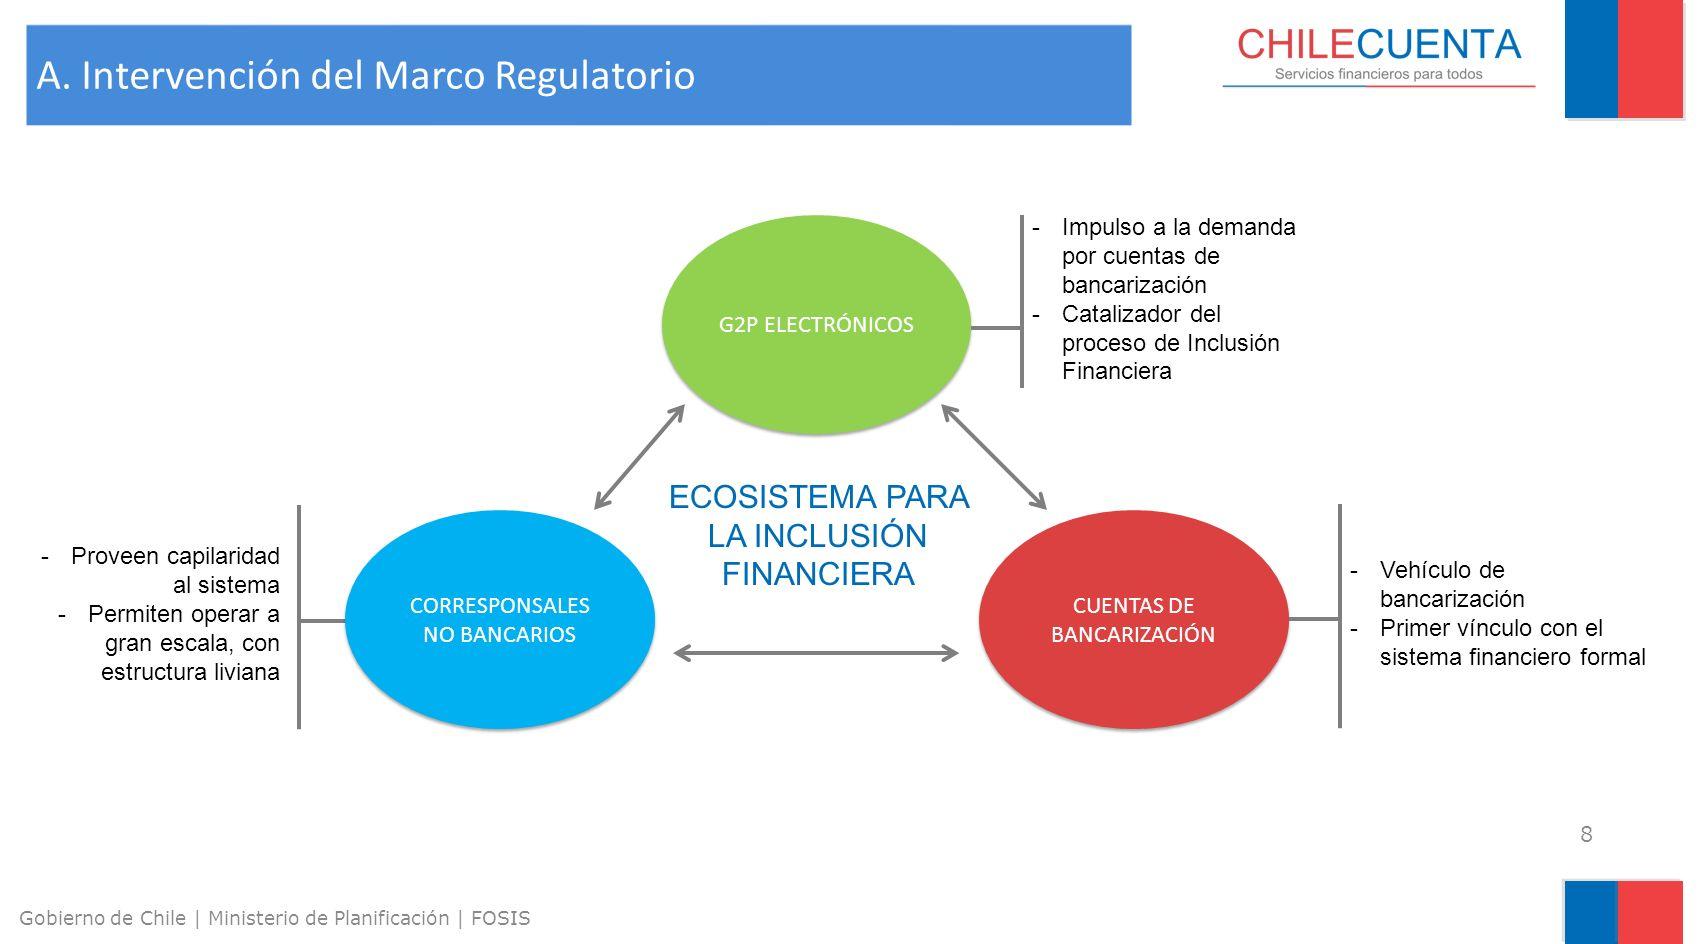 9 Gobierno de Chile | Ministerio de Planificación | FOSIS CUENTAS DE BANCARIZAC IÓN CORRESPONSALES NO BANCARIOS G2P ELECTRÓNICOS Revisión de leyes y regulaciones que determinan los canales de distribución de pagos del gobierno.